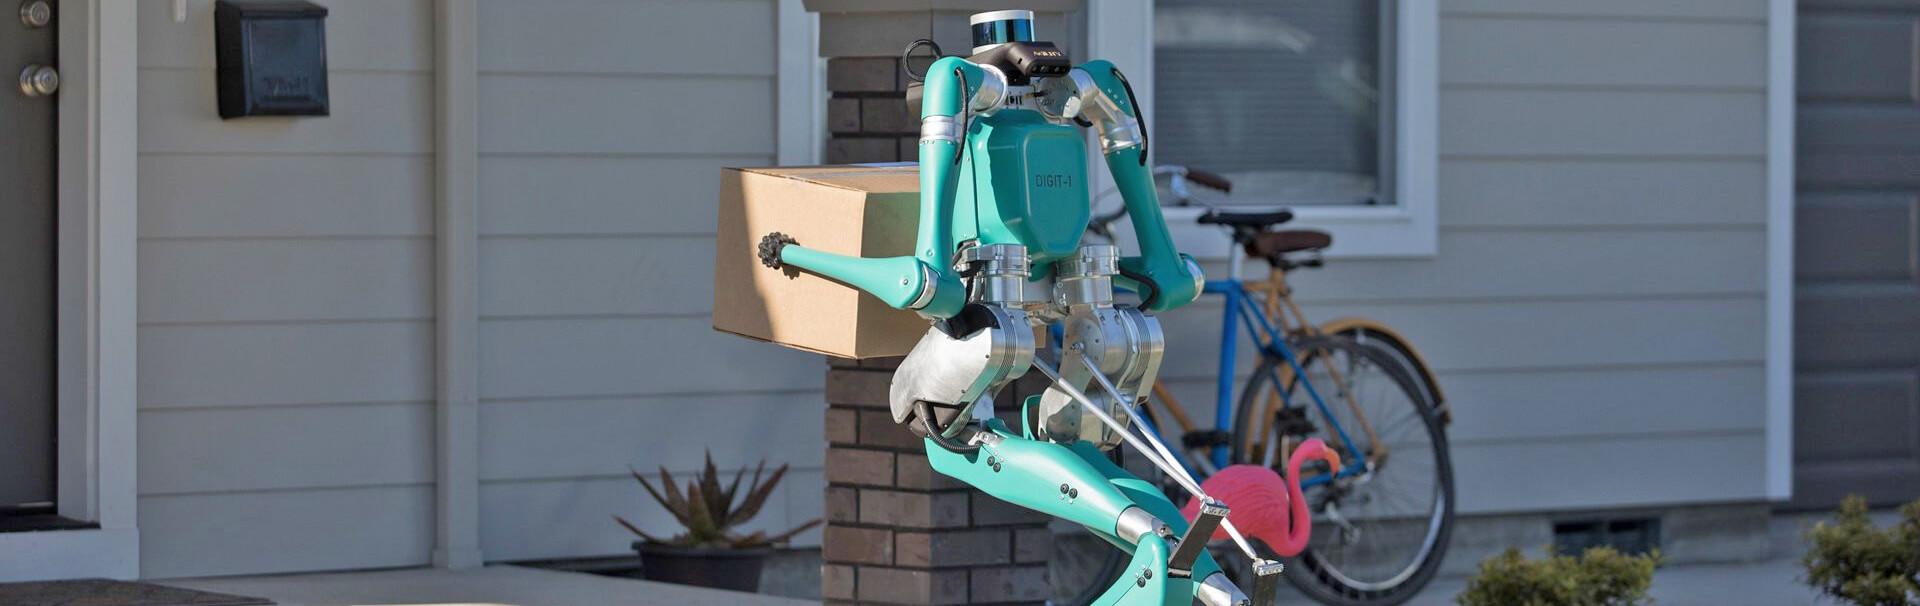 Robots and autonomous delivery droids: High-tech for the last mile at the 2020 CES